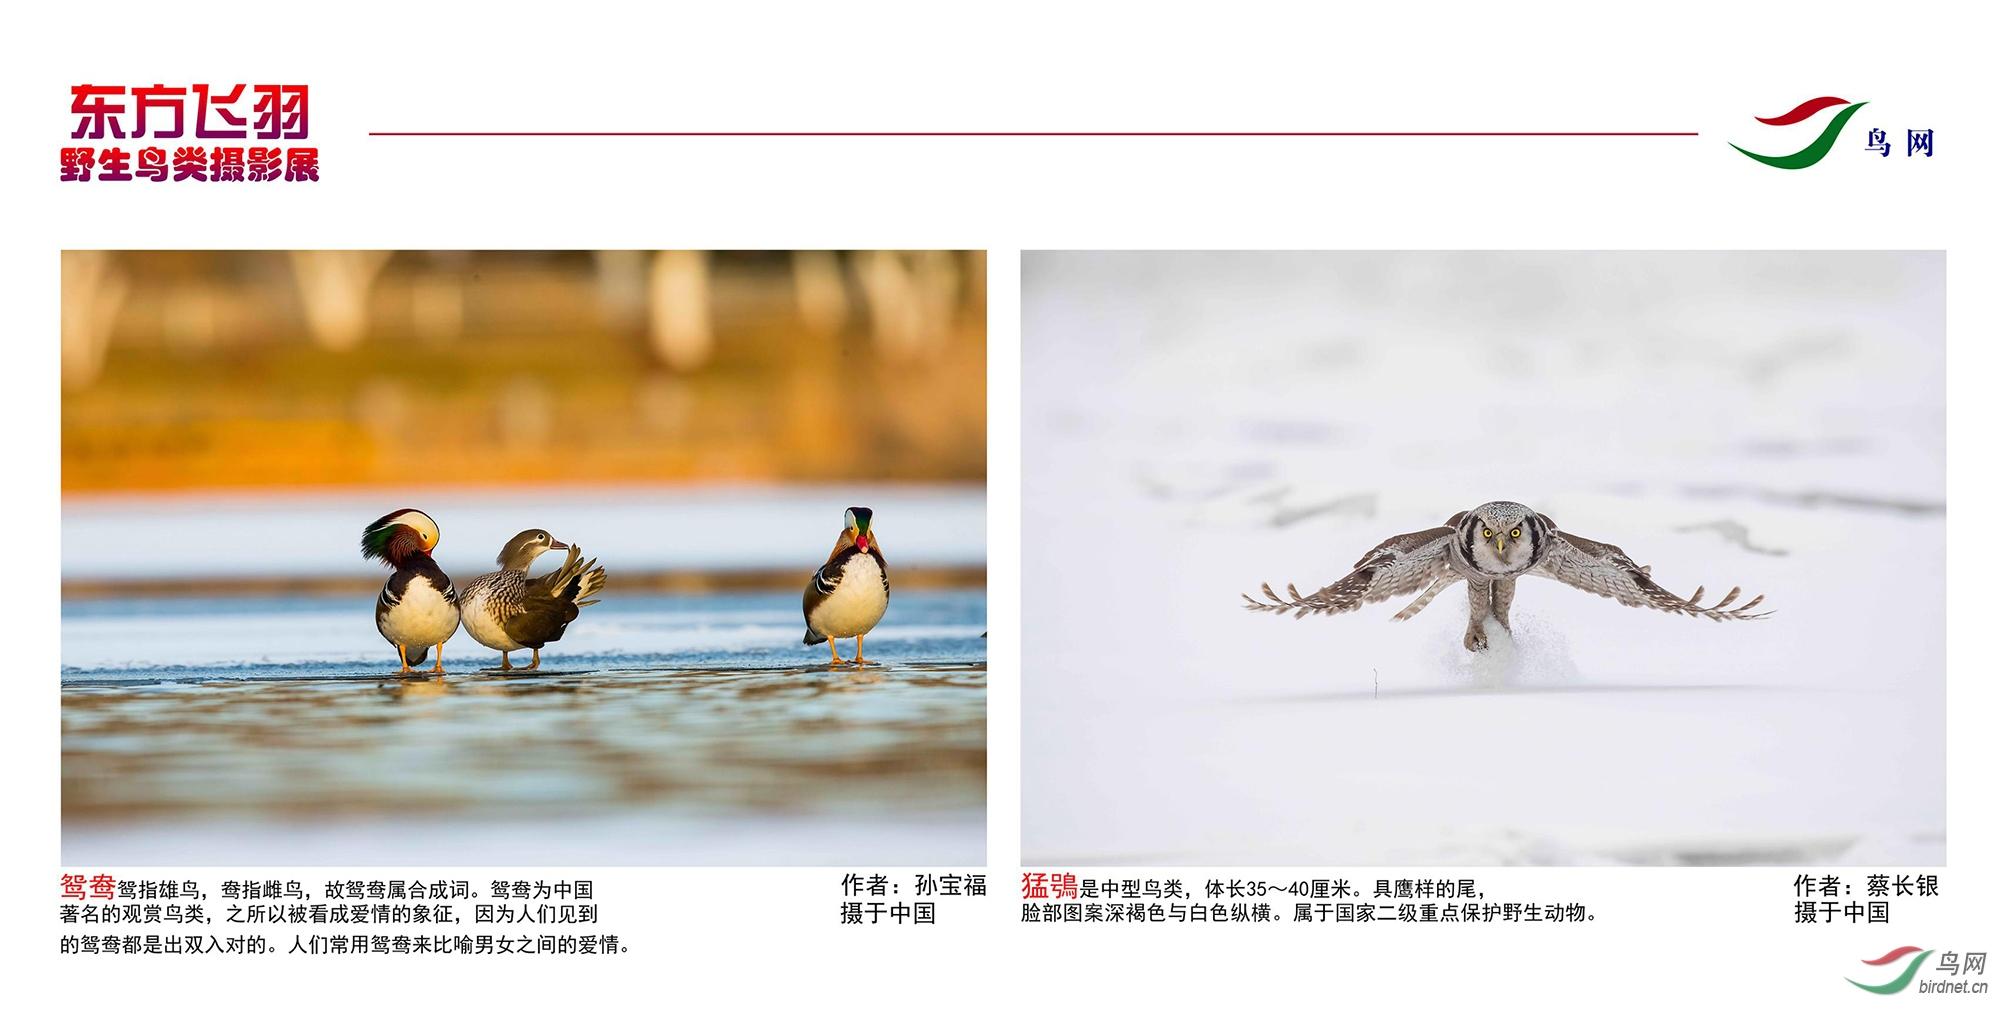 1_东方明珠摄影展照片_27.jpg